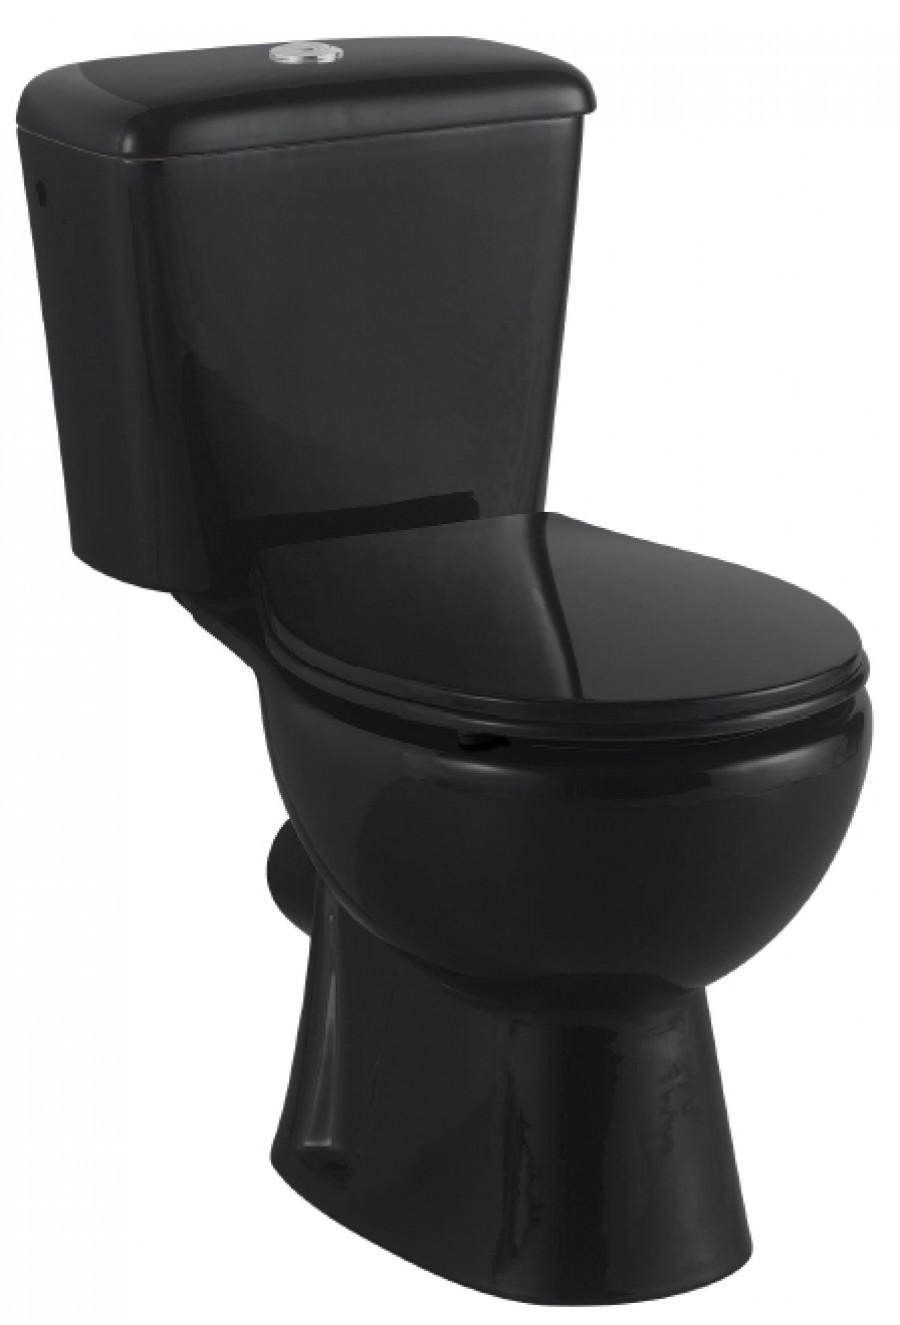 Wc noir - Pack wc suspendu noir ...